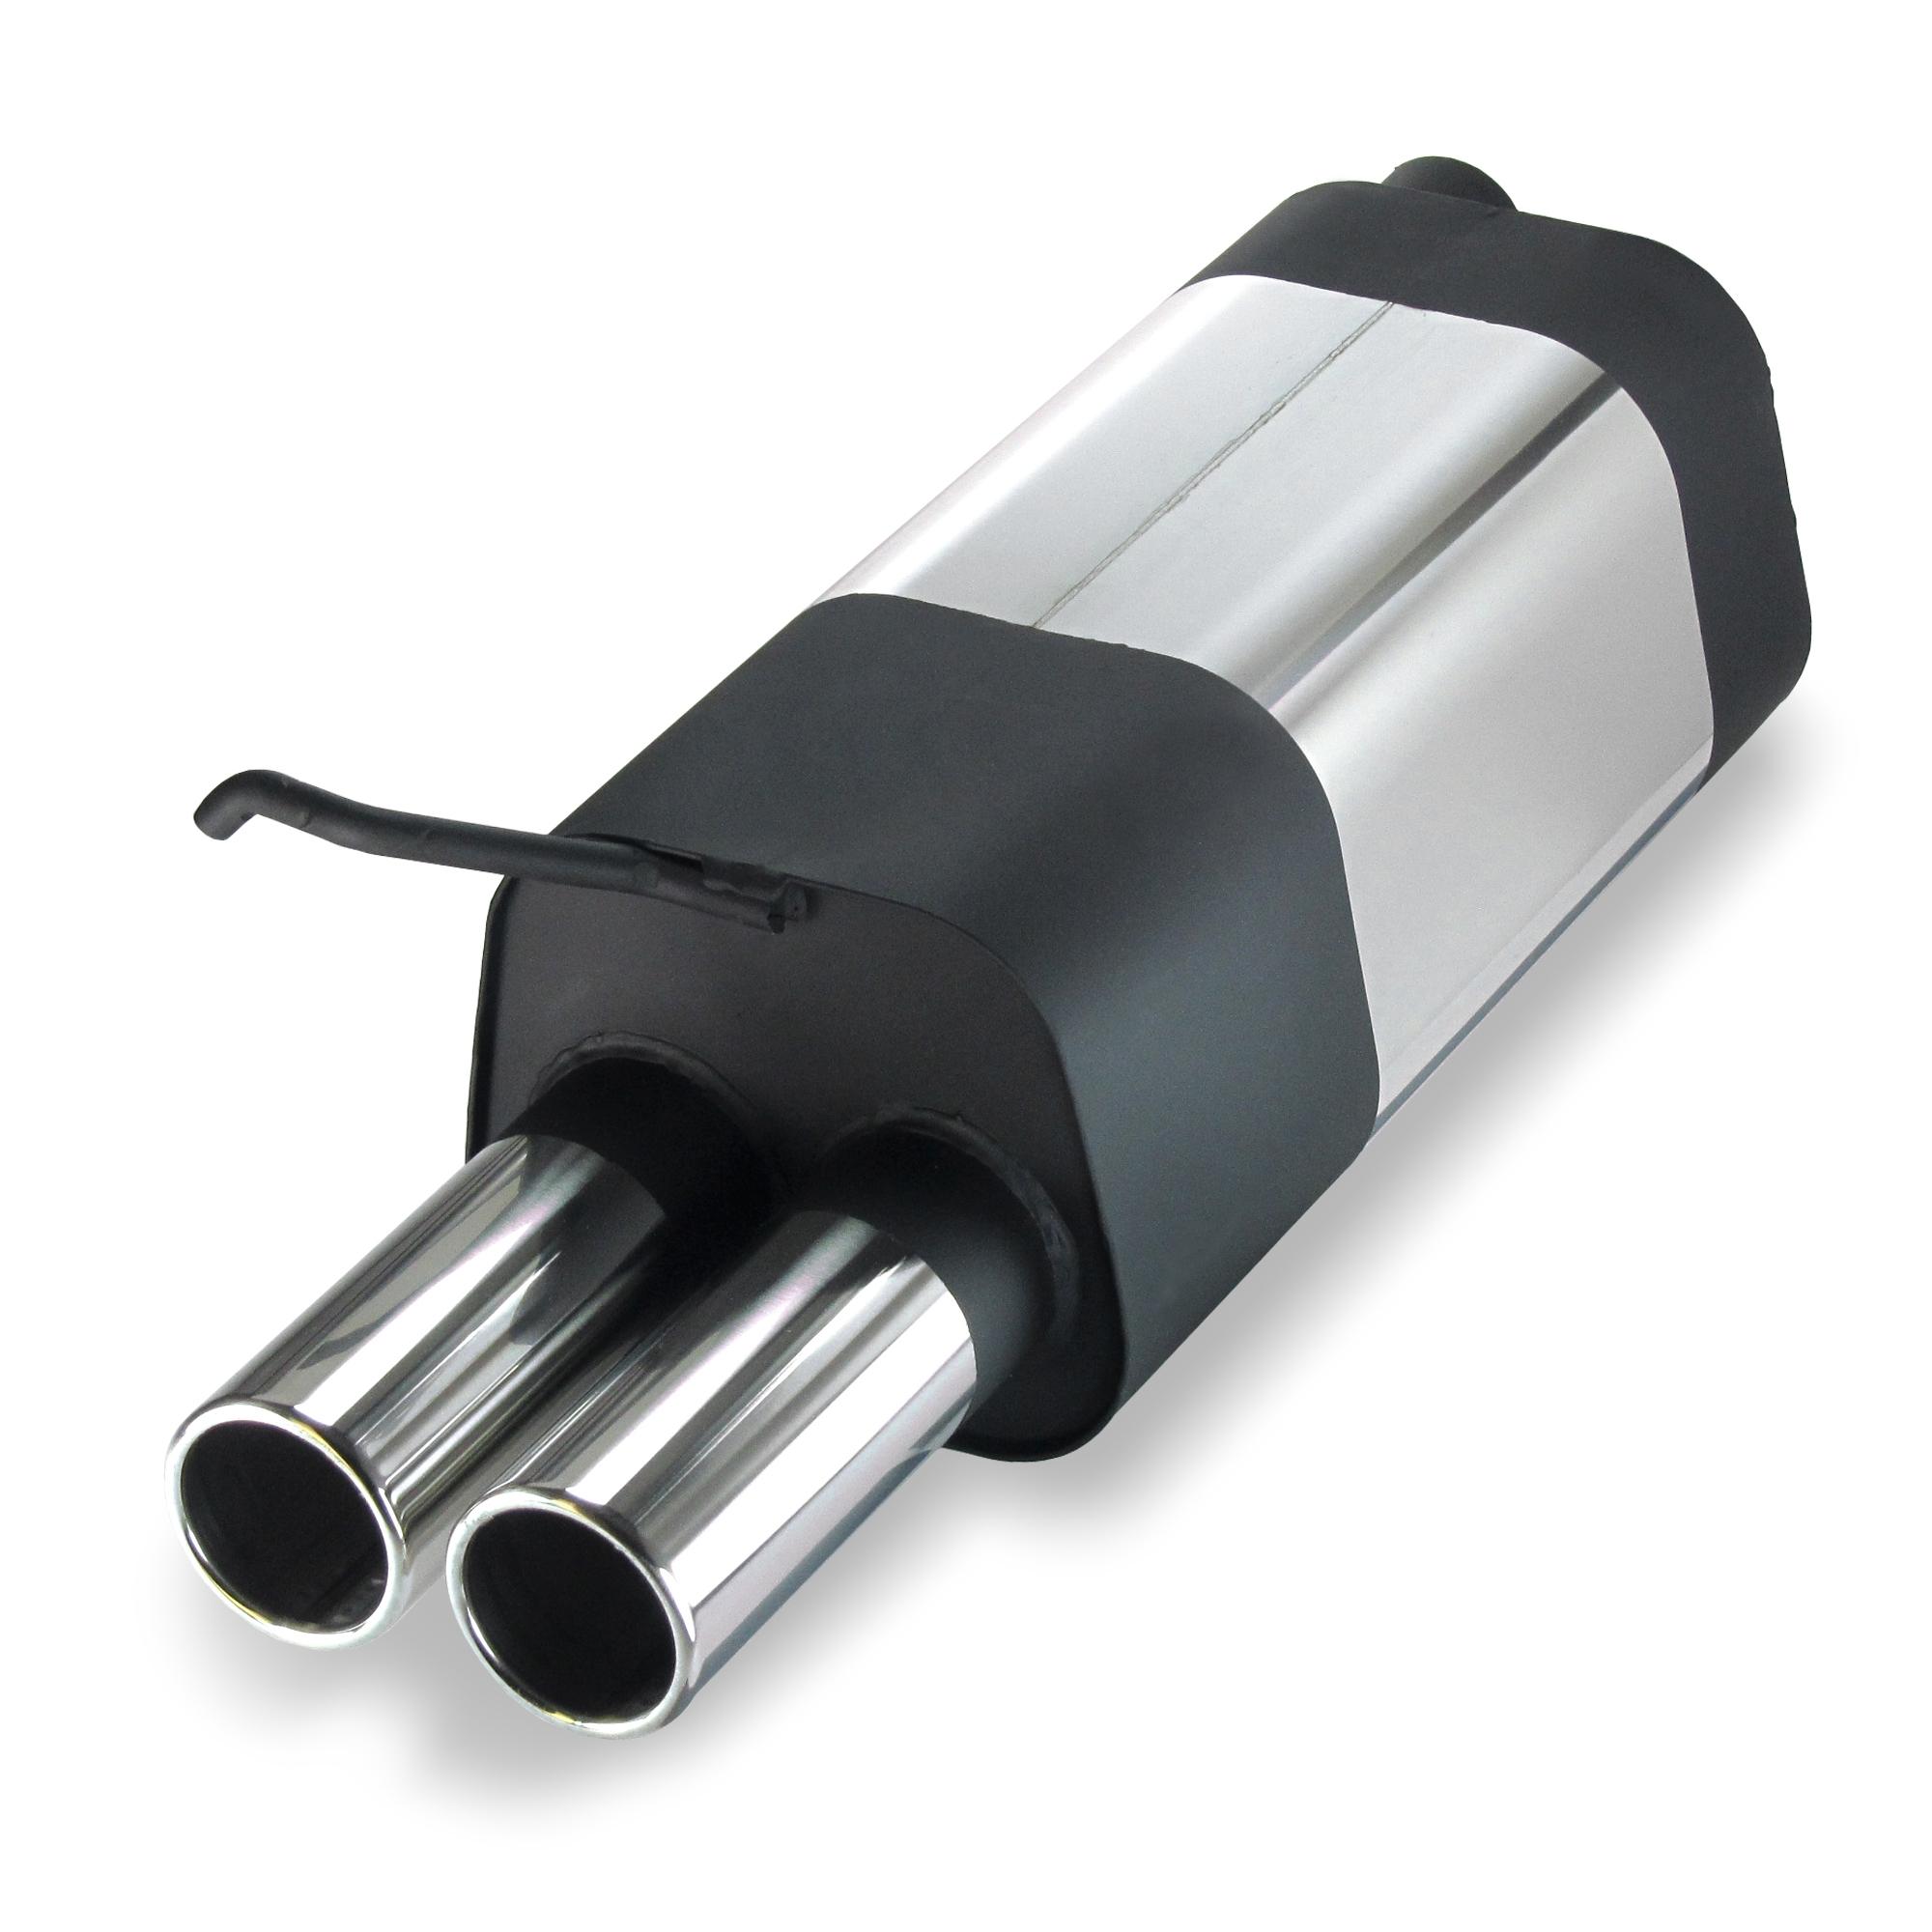 JOM Bagpotte rustfri stål med 2x76 mm lige afgange. Til VW Beetle Udvendig tilbehør > Udstødning